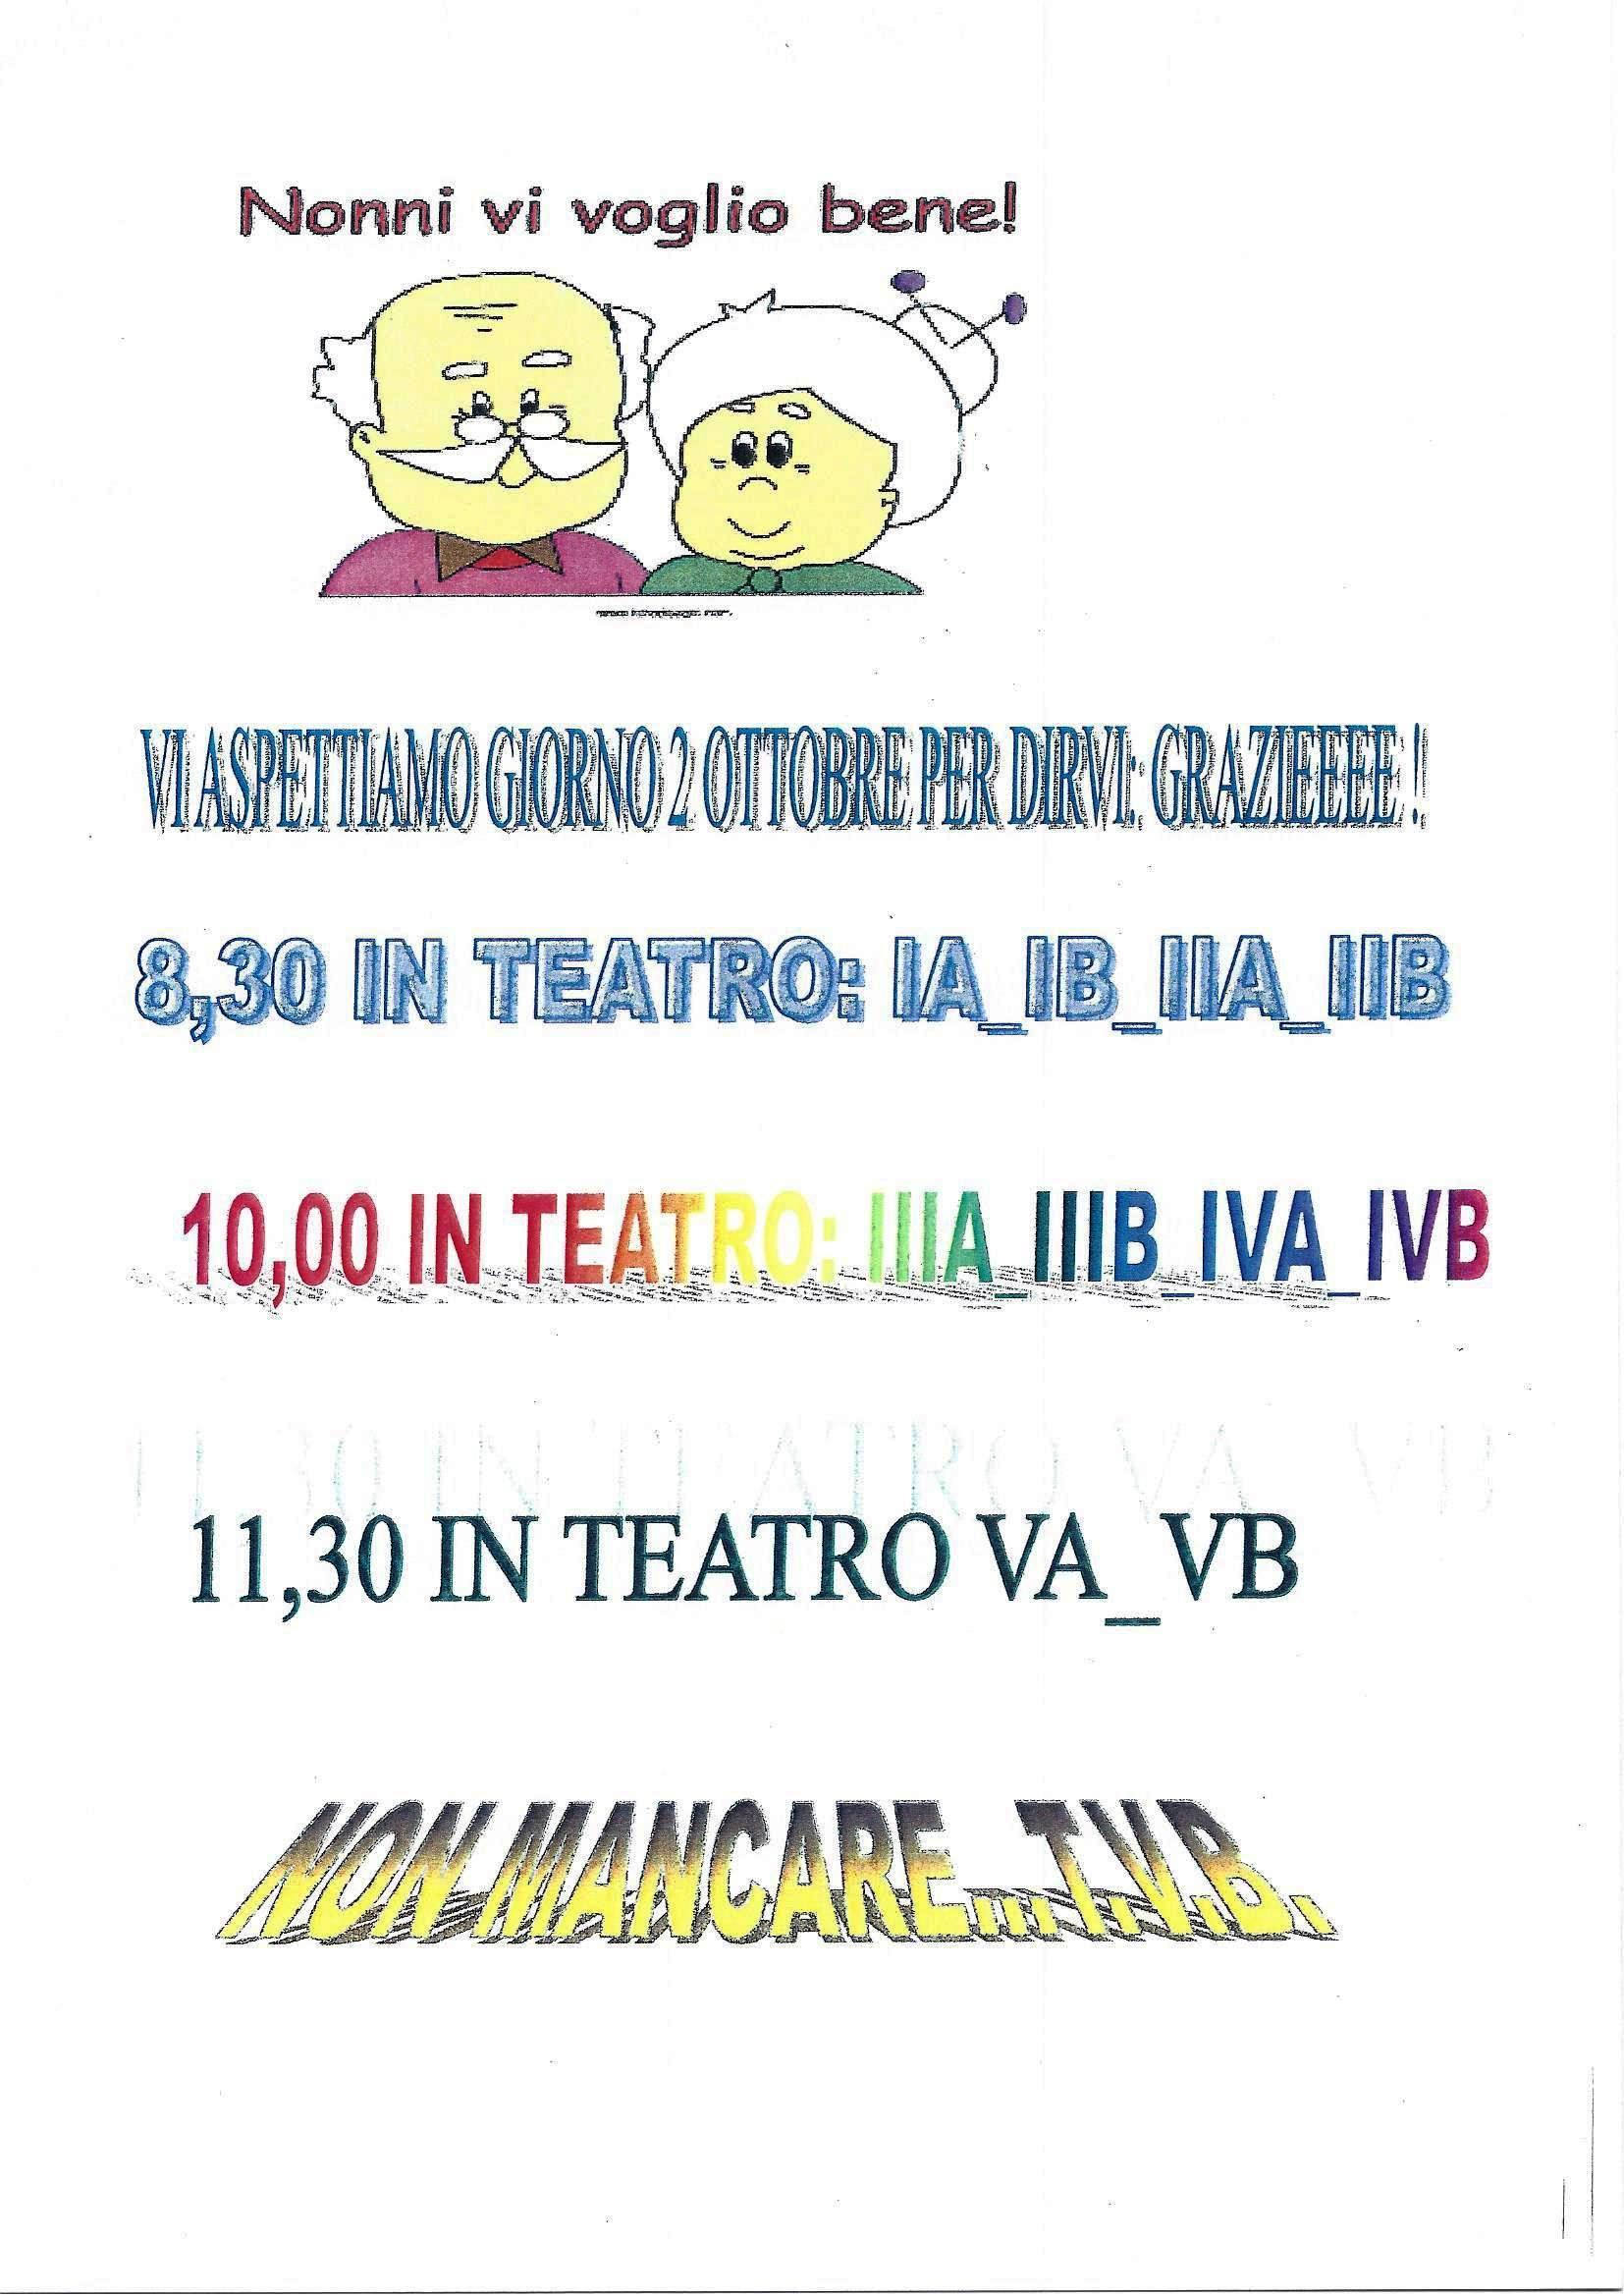 Calendario Festa Dei Nonni.Festa Dei Nonni Primaria Istituto Filippo Smaldone Roma